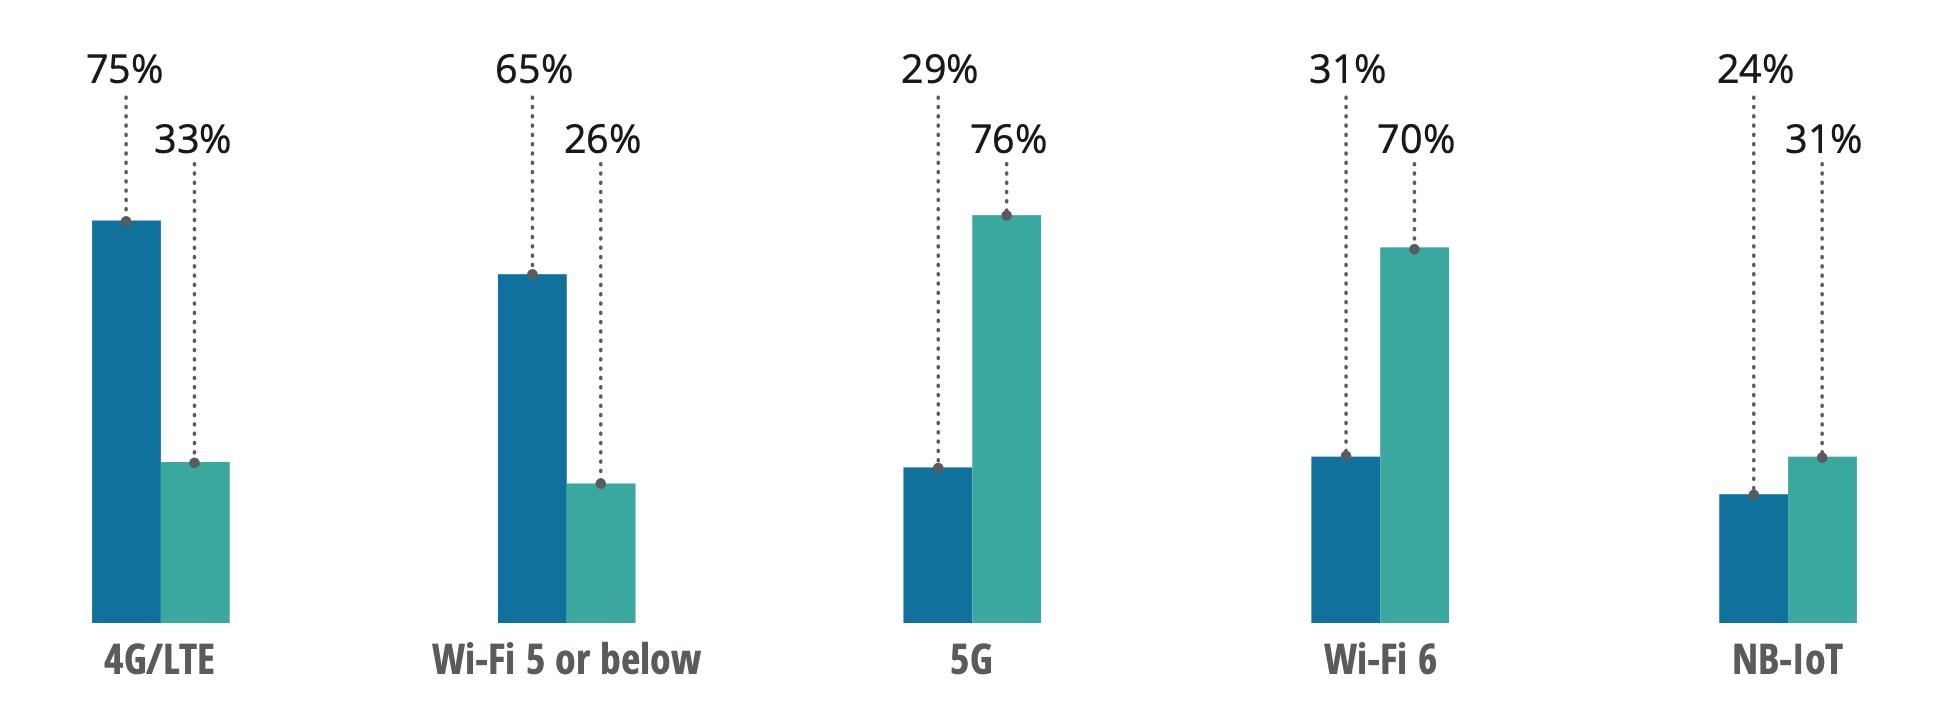 Как будет расти проникновение сетей 5G и Wi-Fi 6 в ближайшие три года